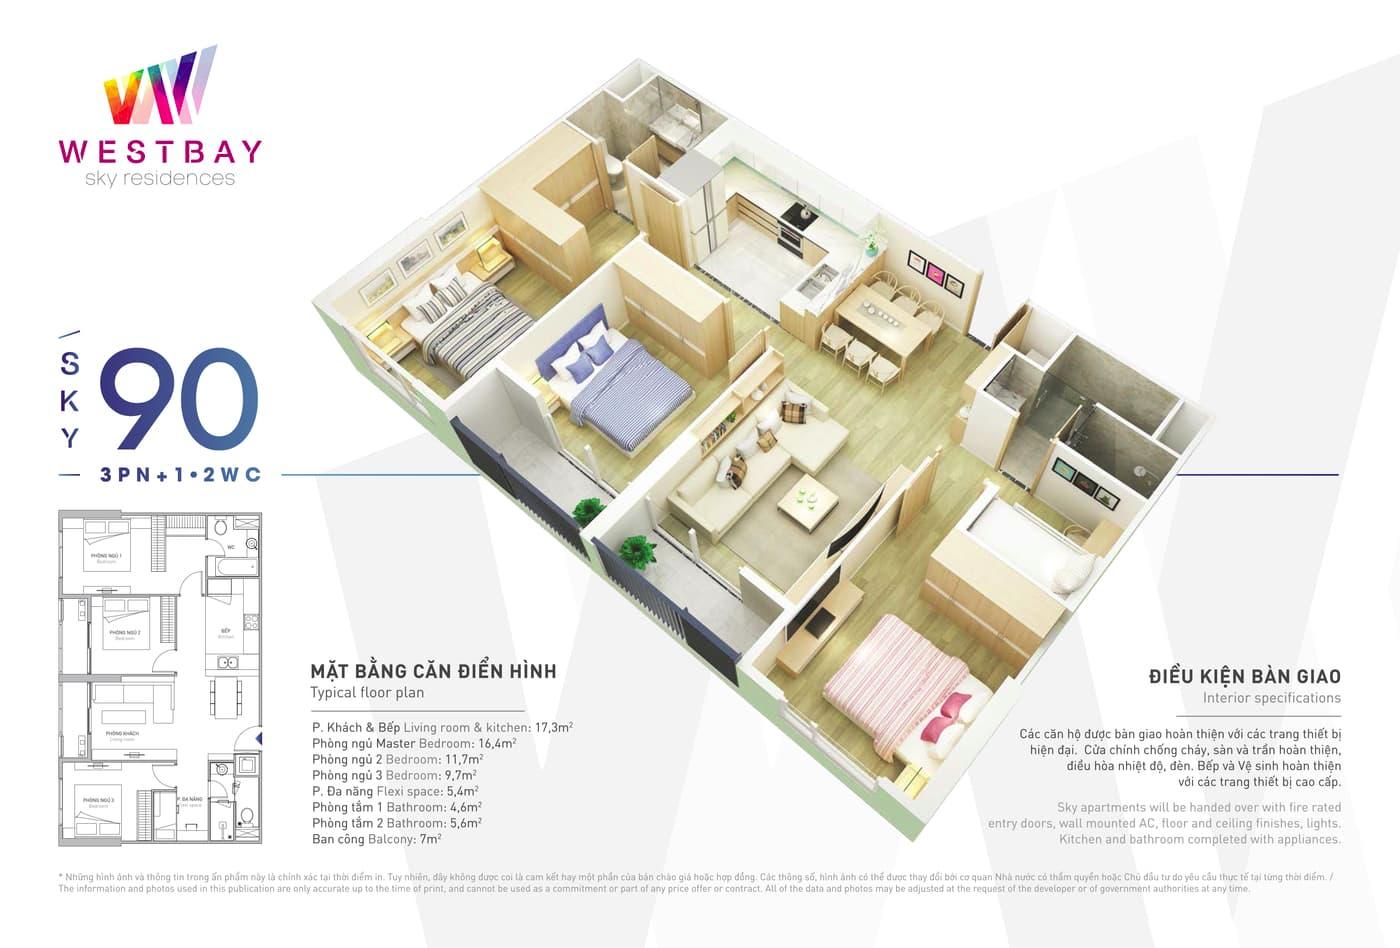 Mặt bằng căn hộ chung cư Westbay Ecopark - 90m2